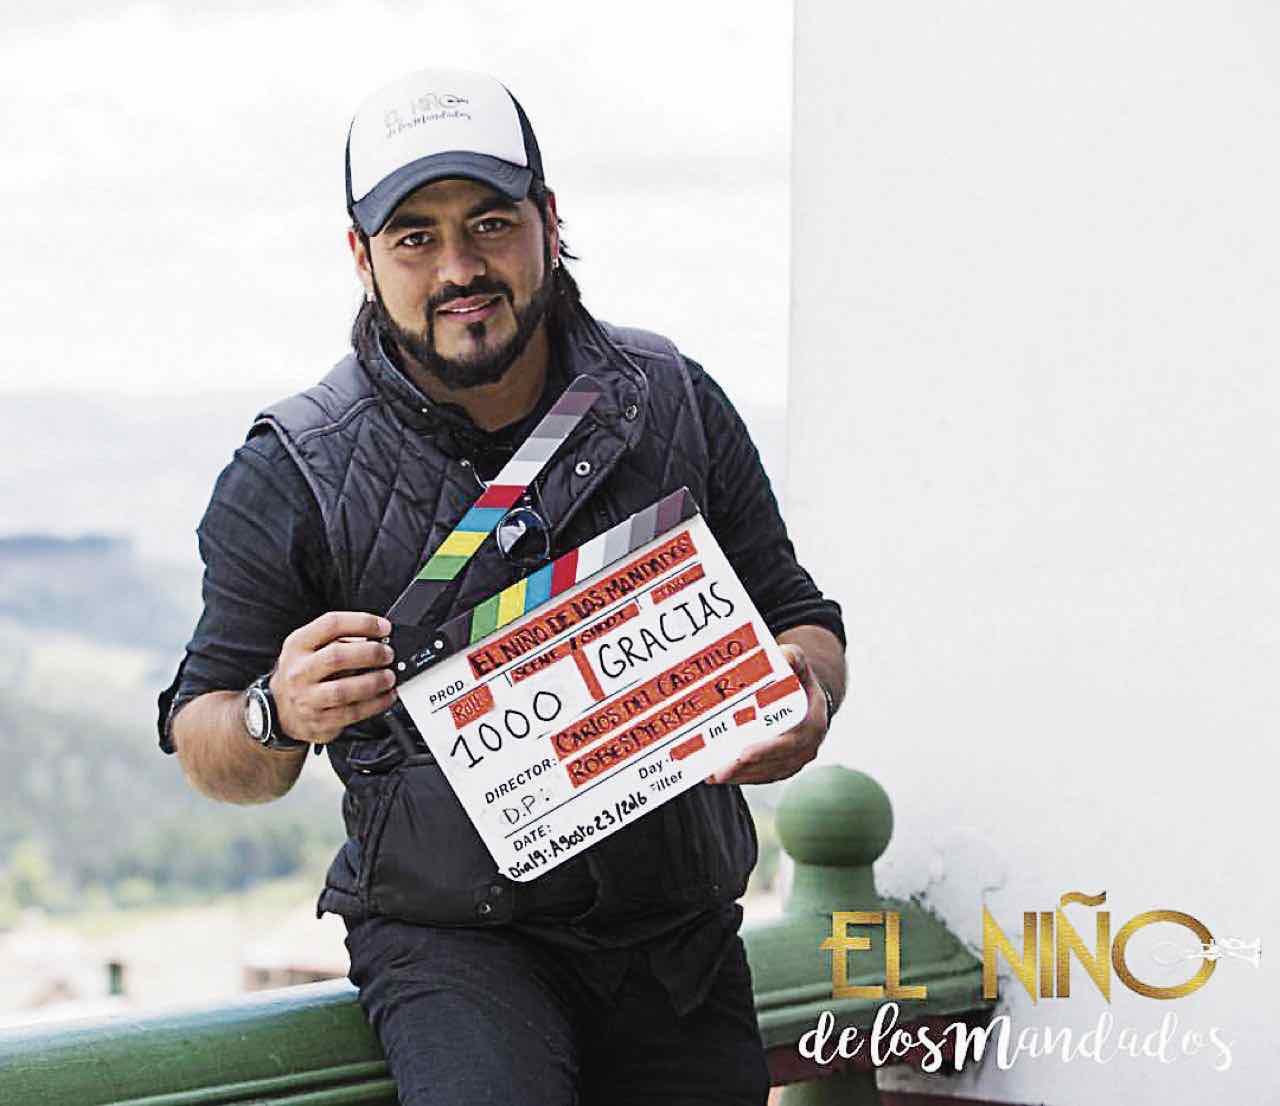 Este es el segundo largometraje del director Carlos Del Castillo.